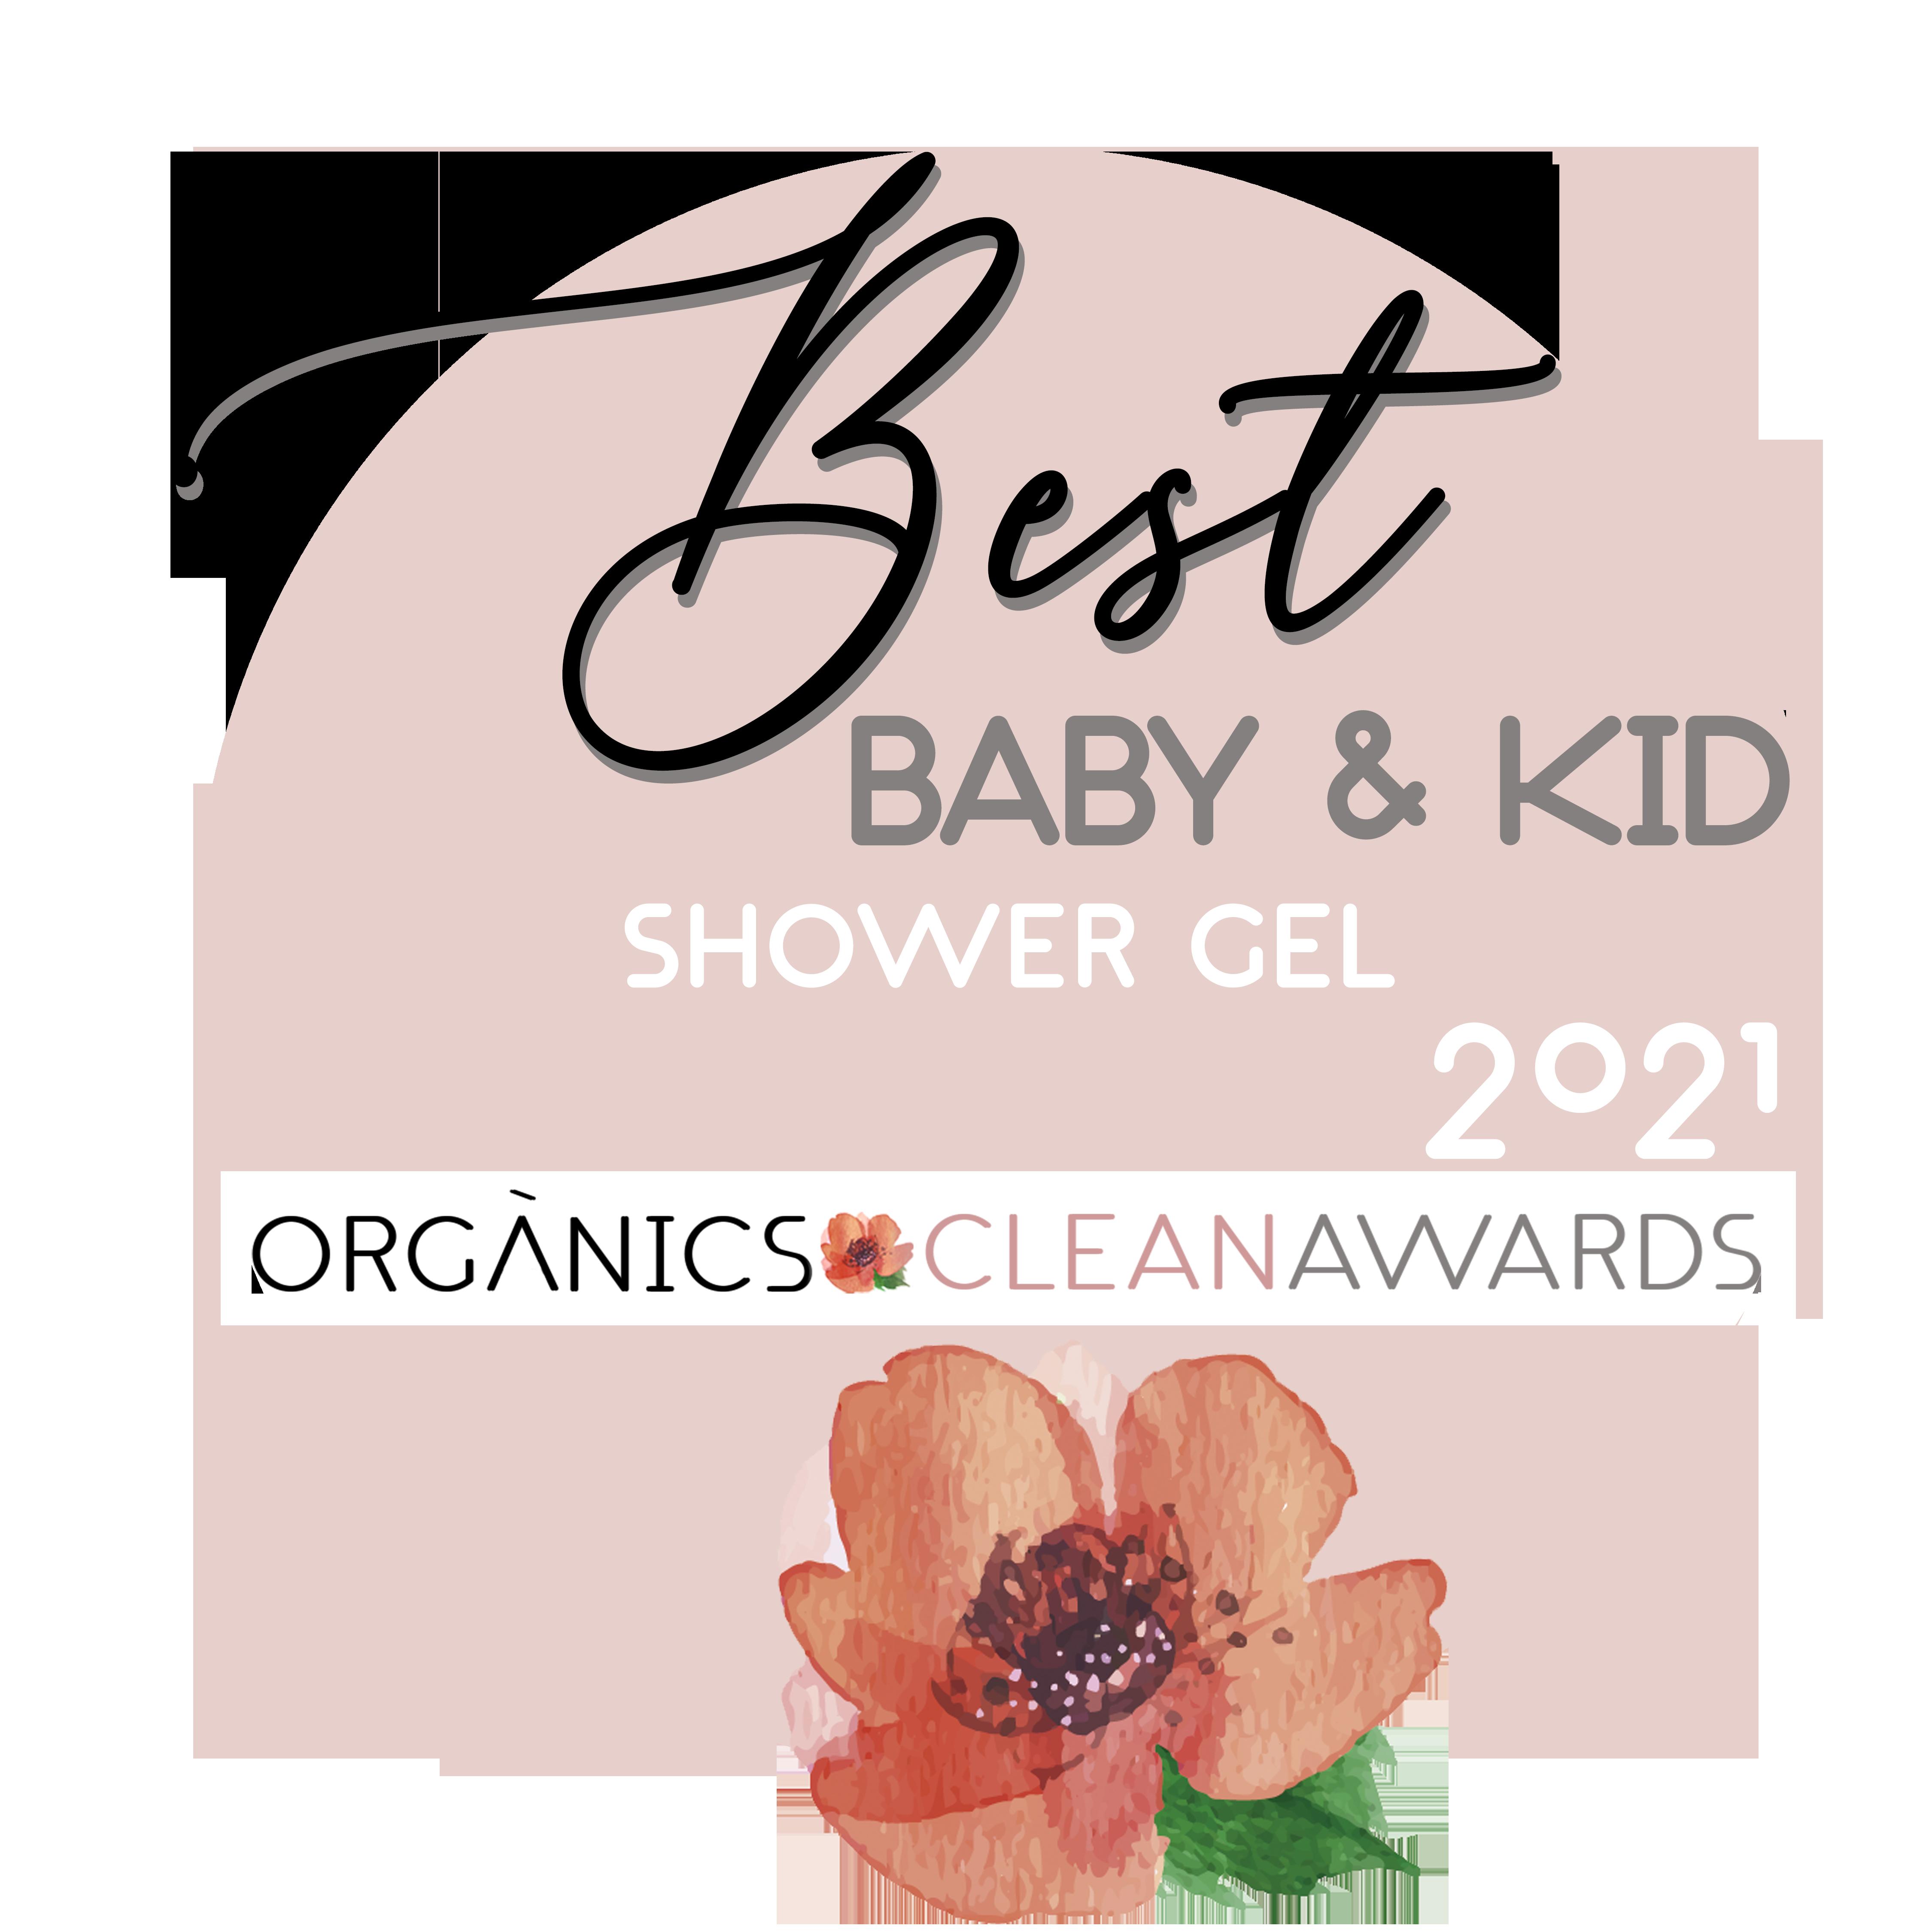 KIDS-AND-BABY-WASH-BEST-BABY-SHOWER-GEL